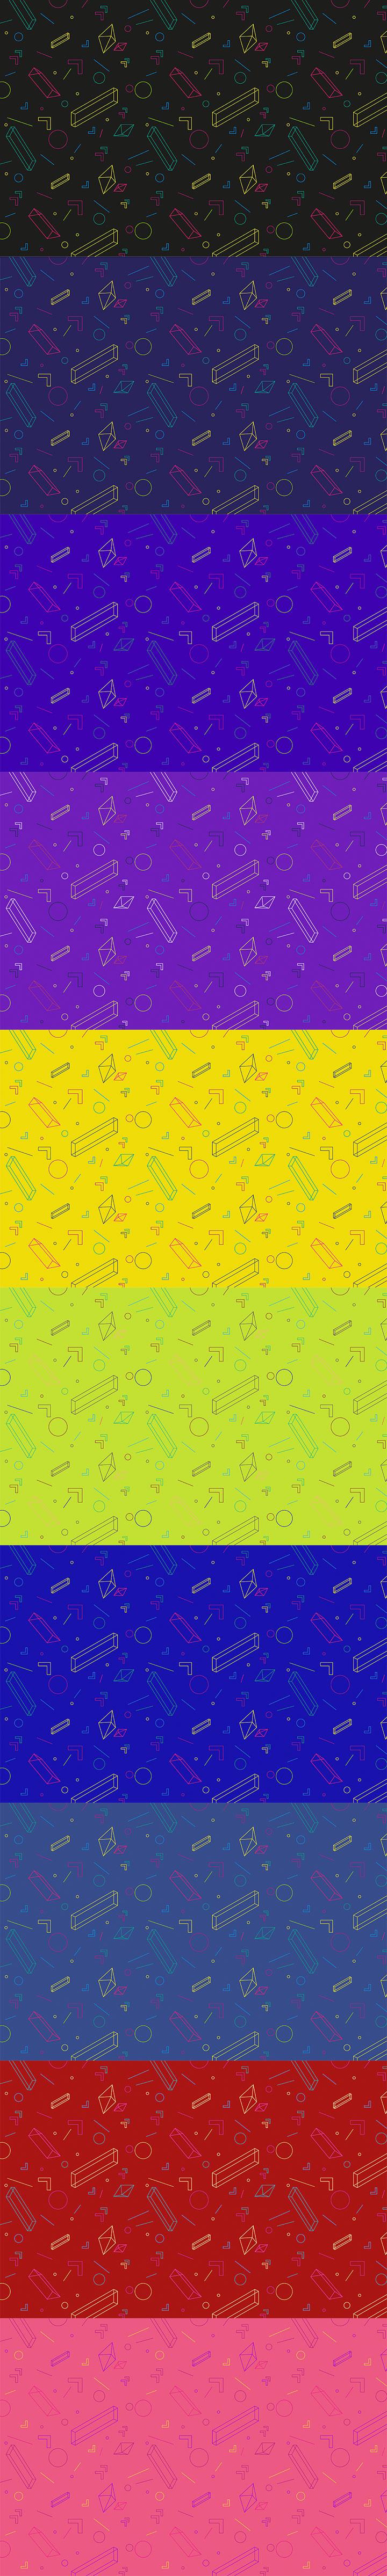 高品质免费的抽象几何图形背景包下载[4K高清图]